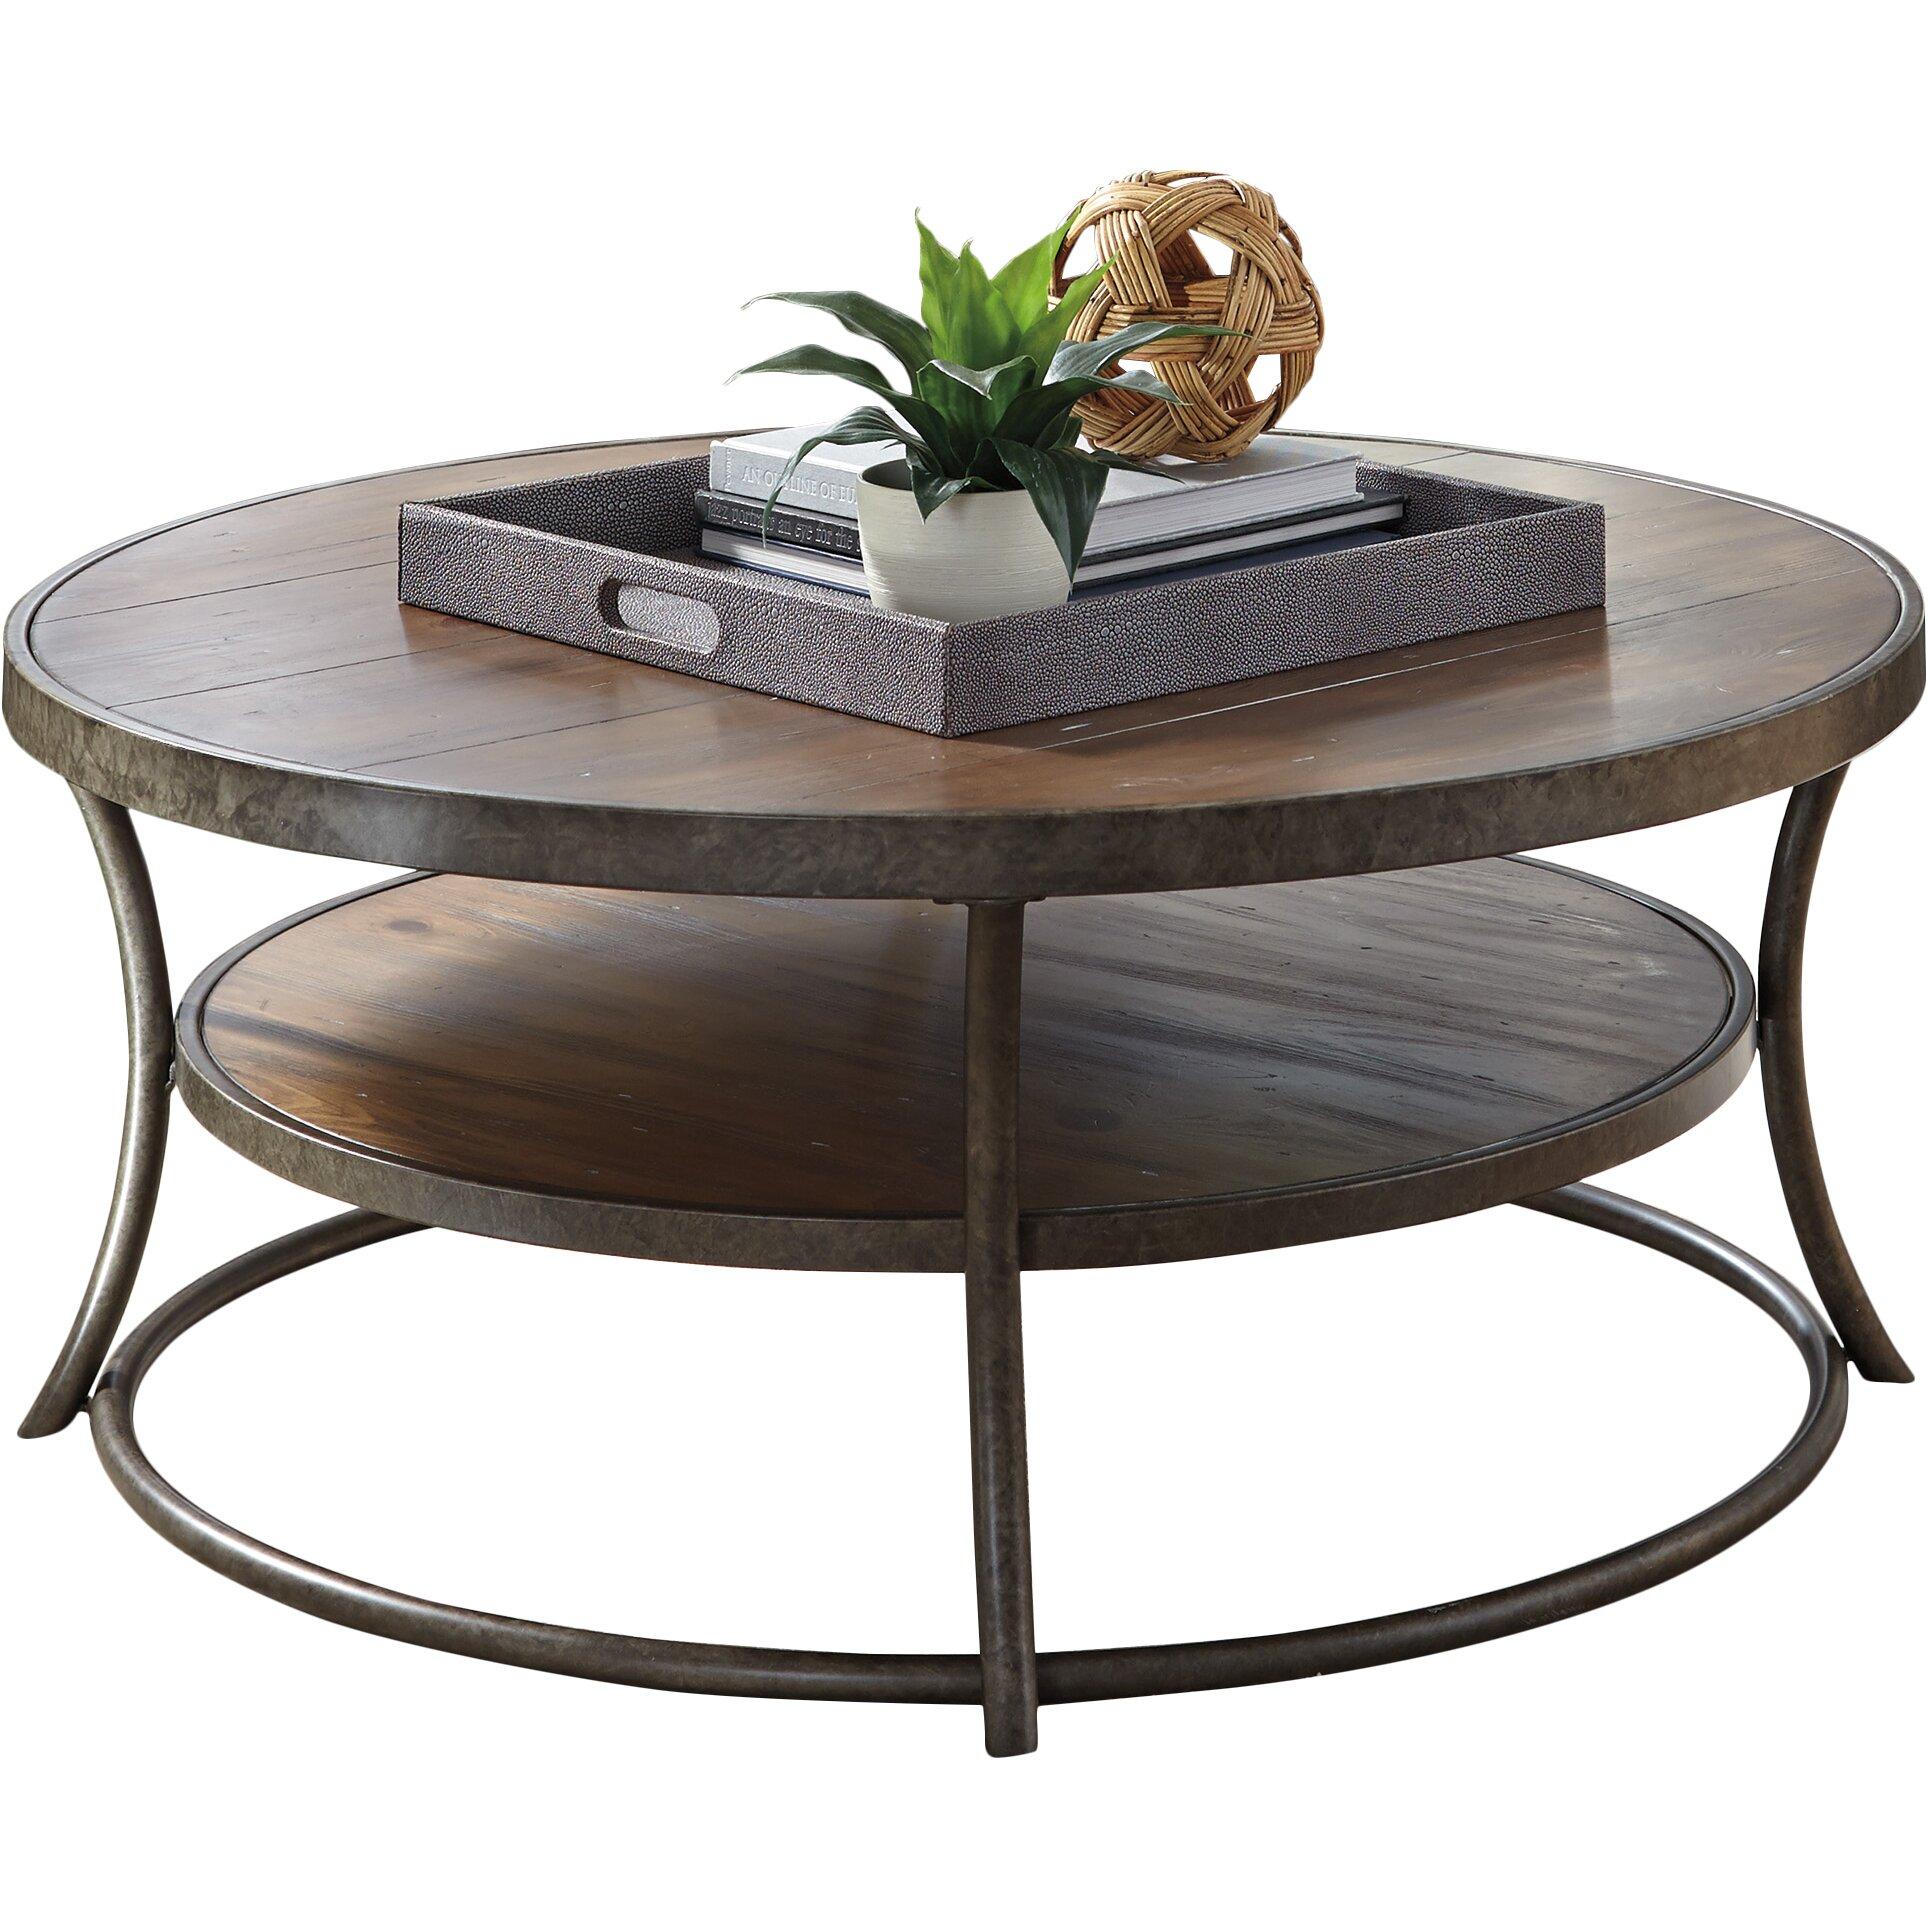 Wayfair Table: Loon Peak Bendeleben Coffee Table & Reviews